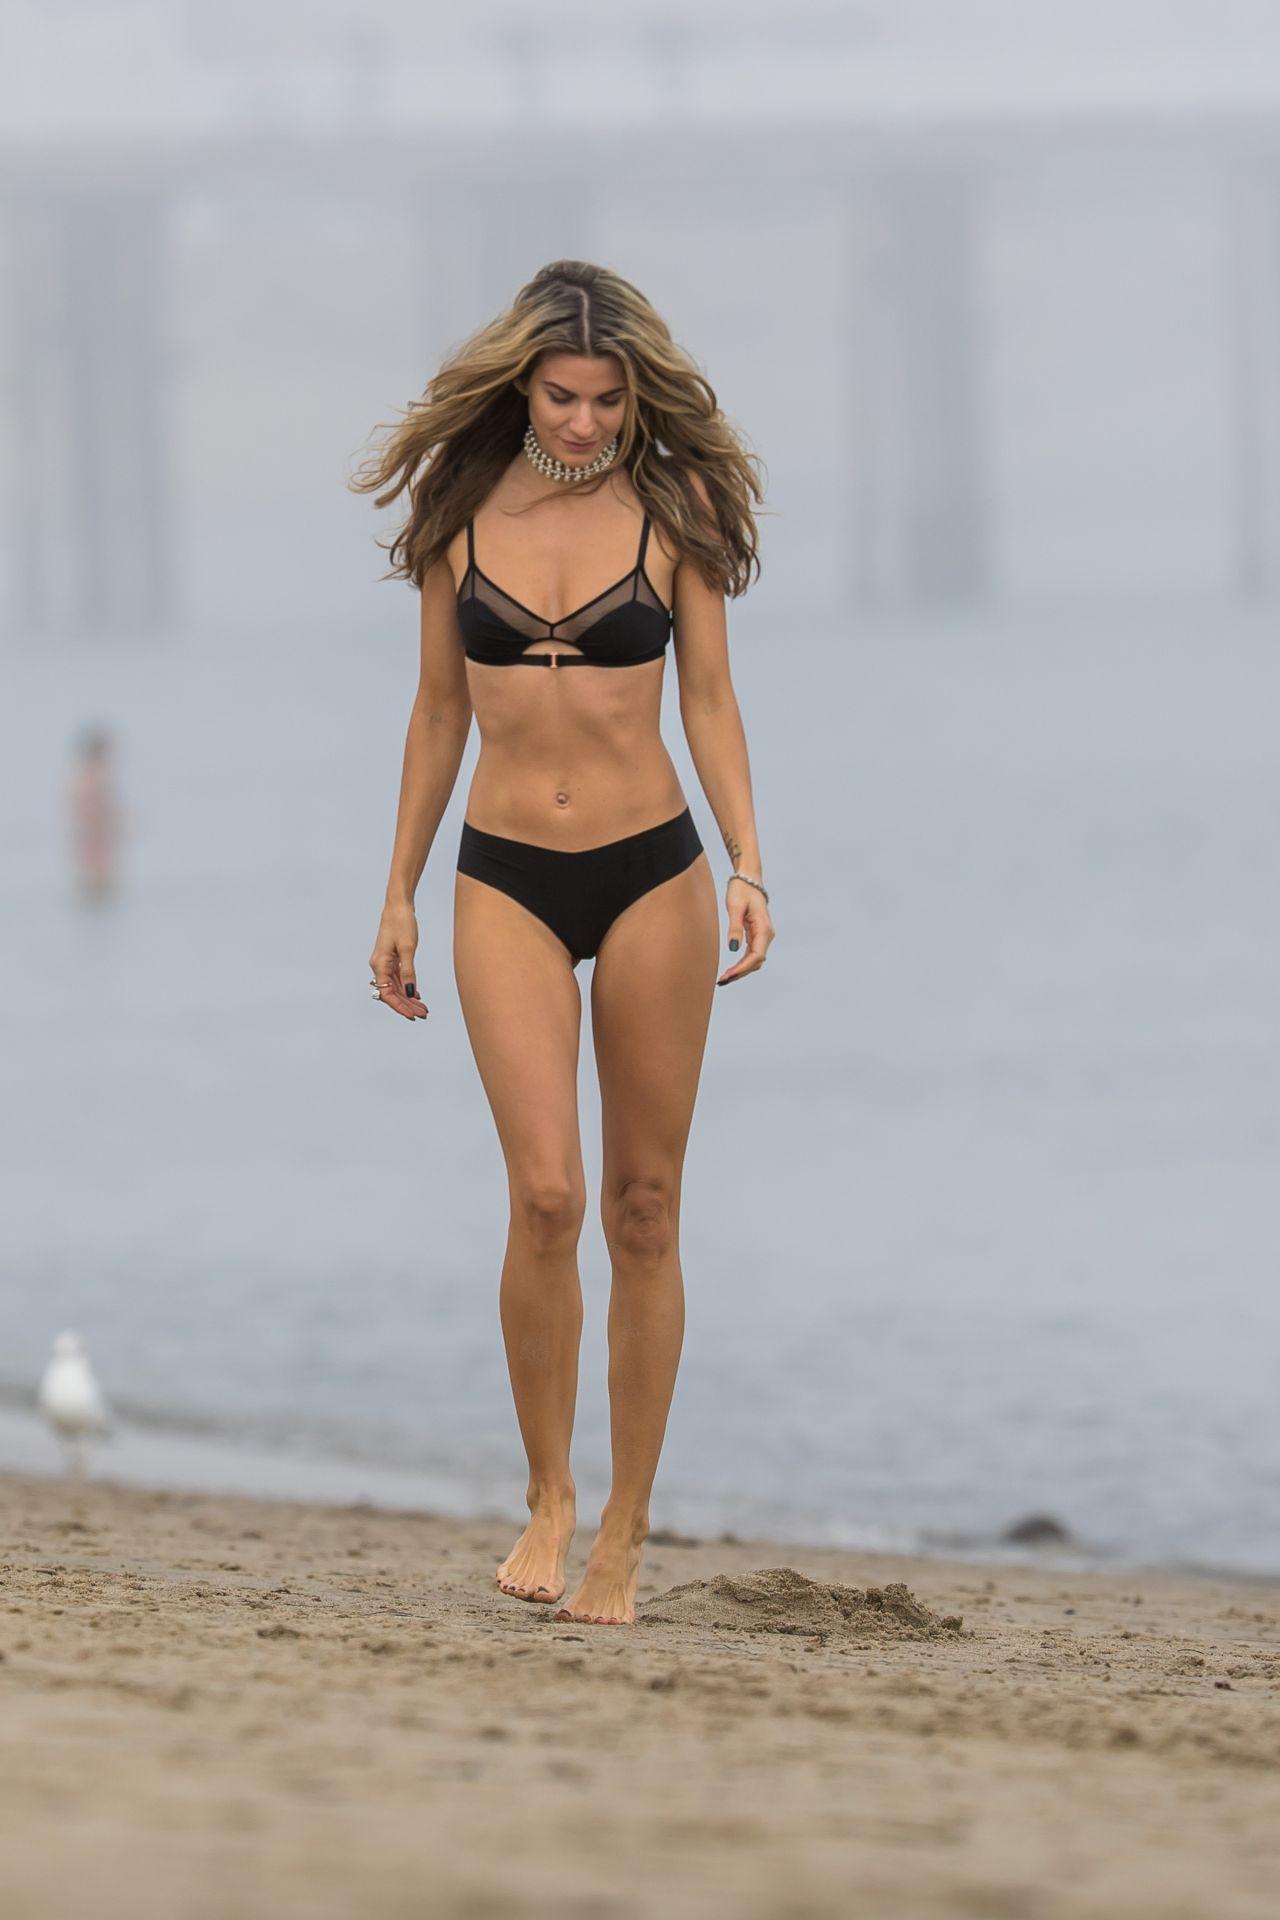 Rachel McCord in Bikini on Beach in Malibu